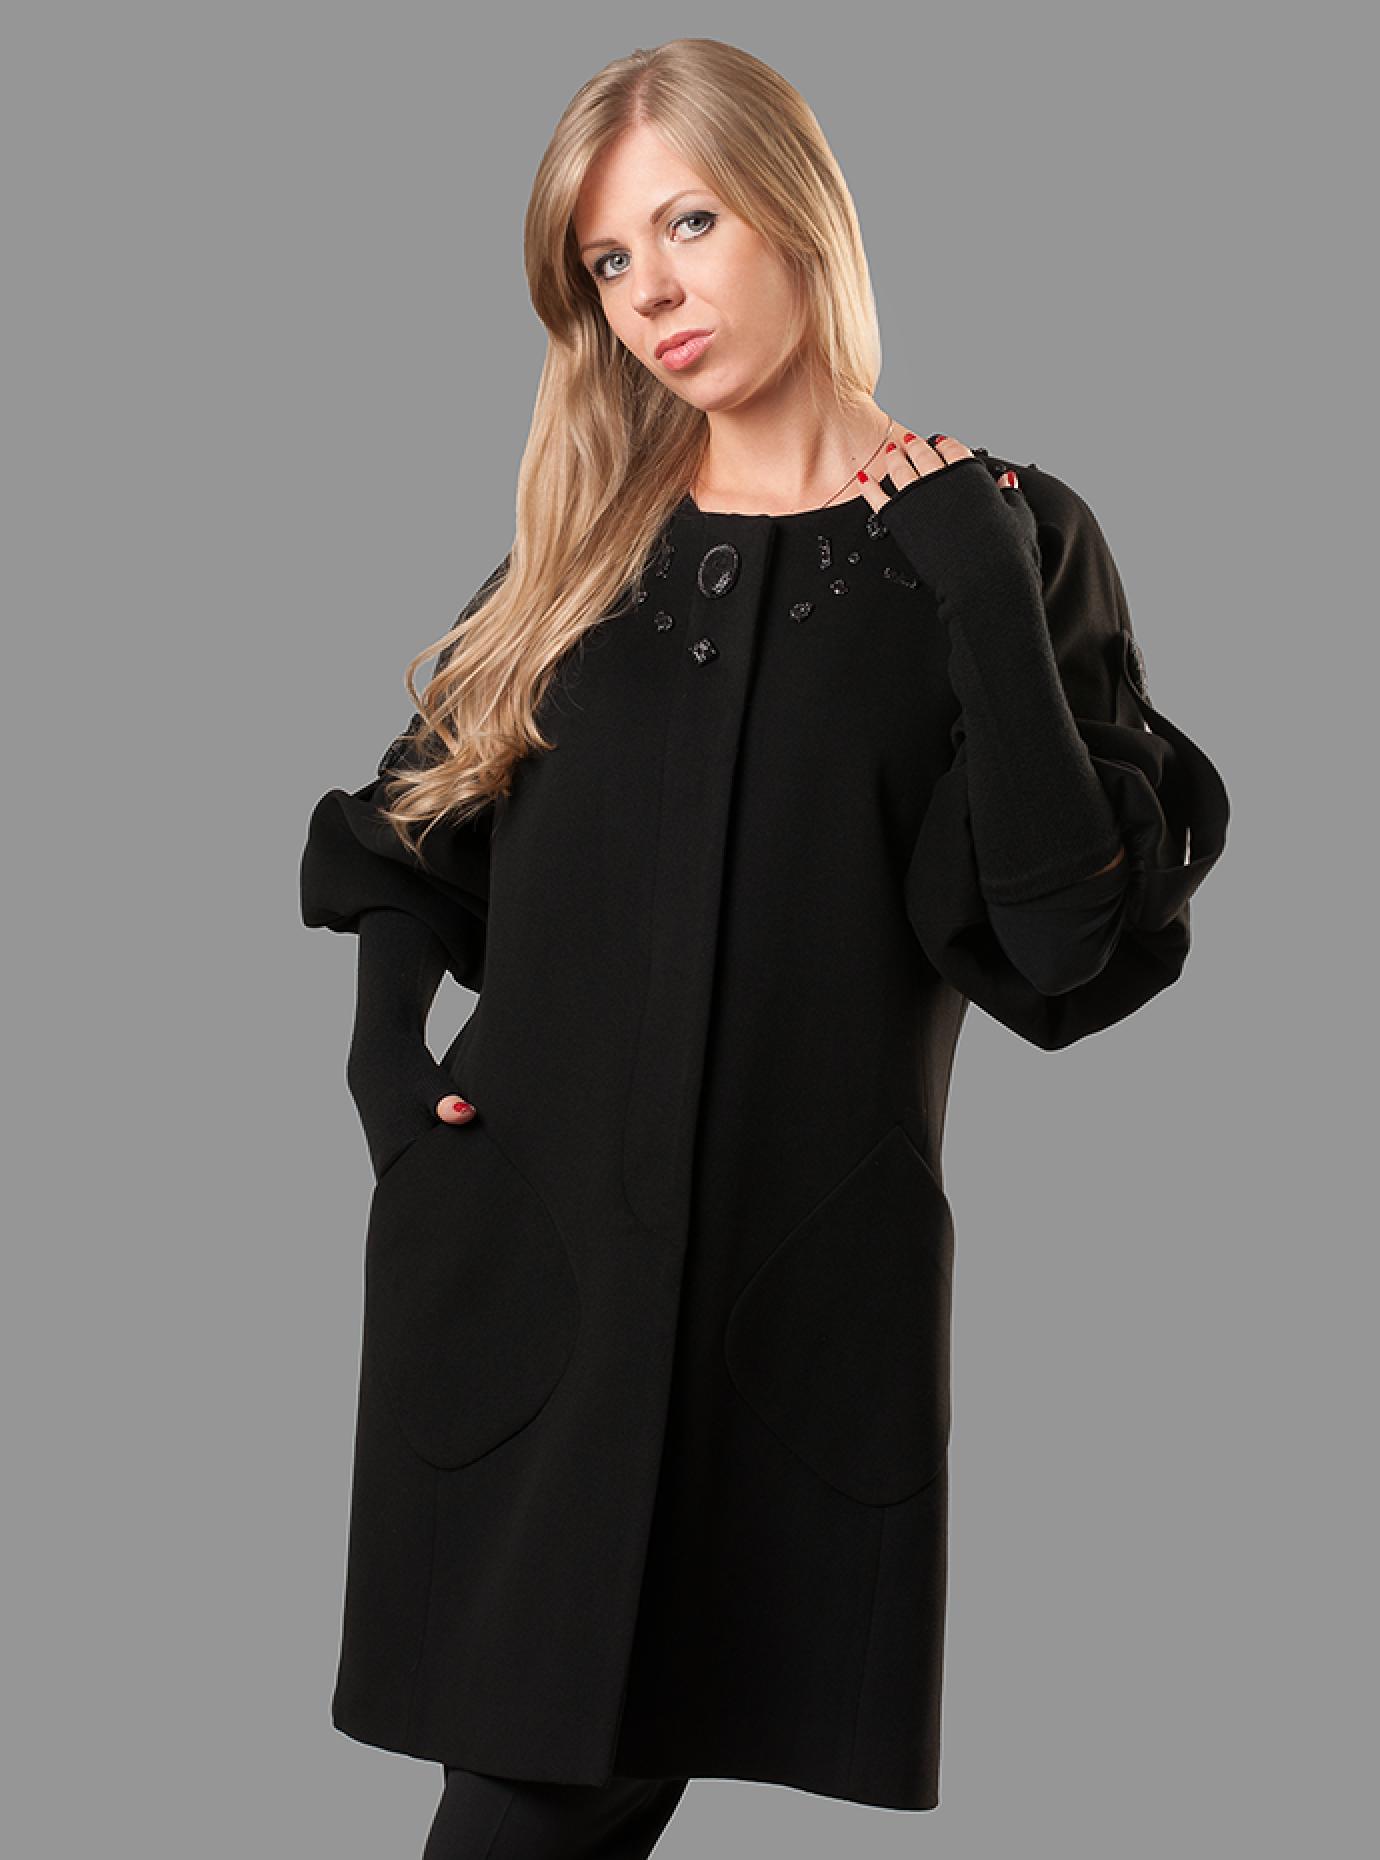 Пальто демисезонное с объемными рукавами Чёрный S (07-P17053): фото - Alster.ua